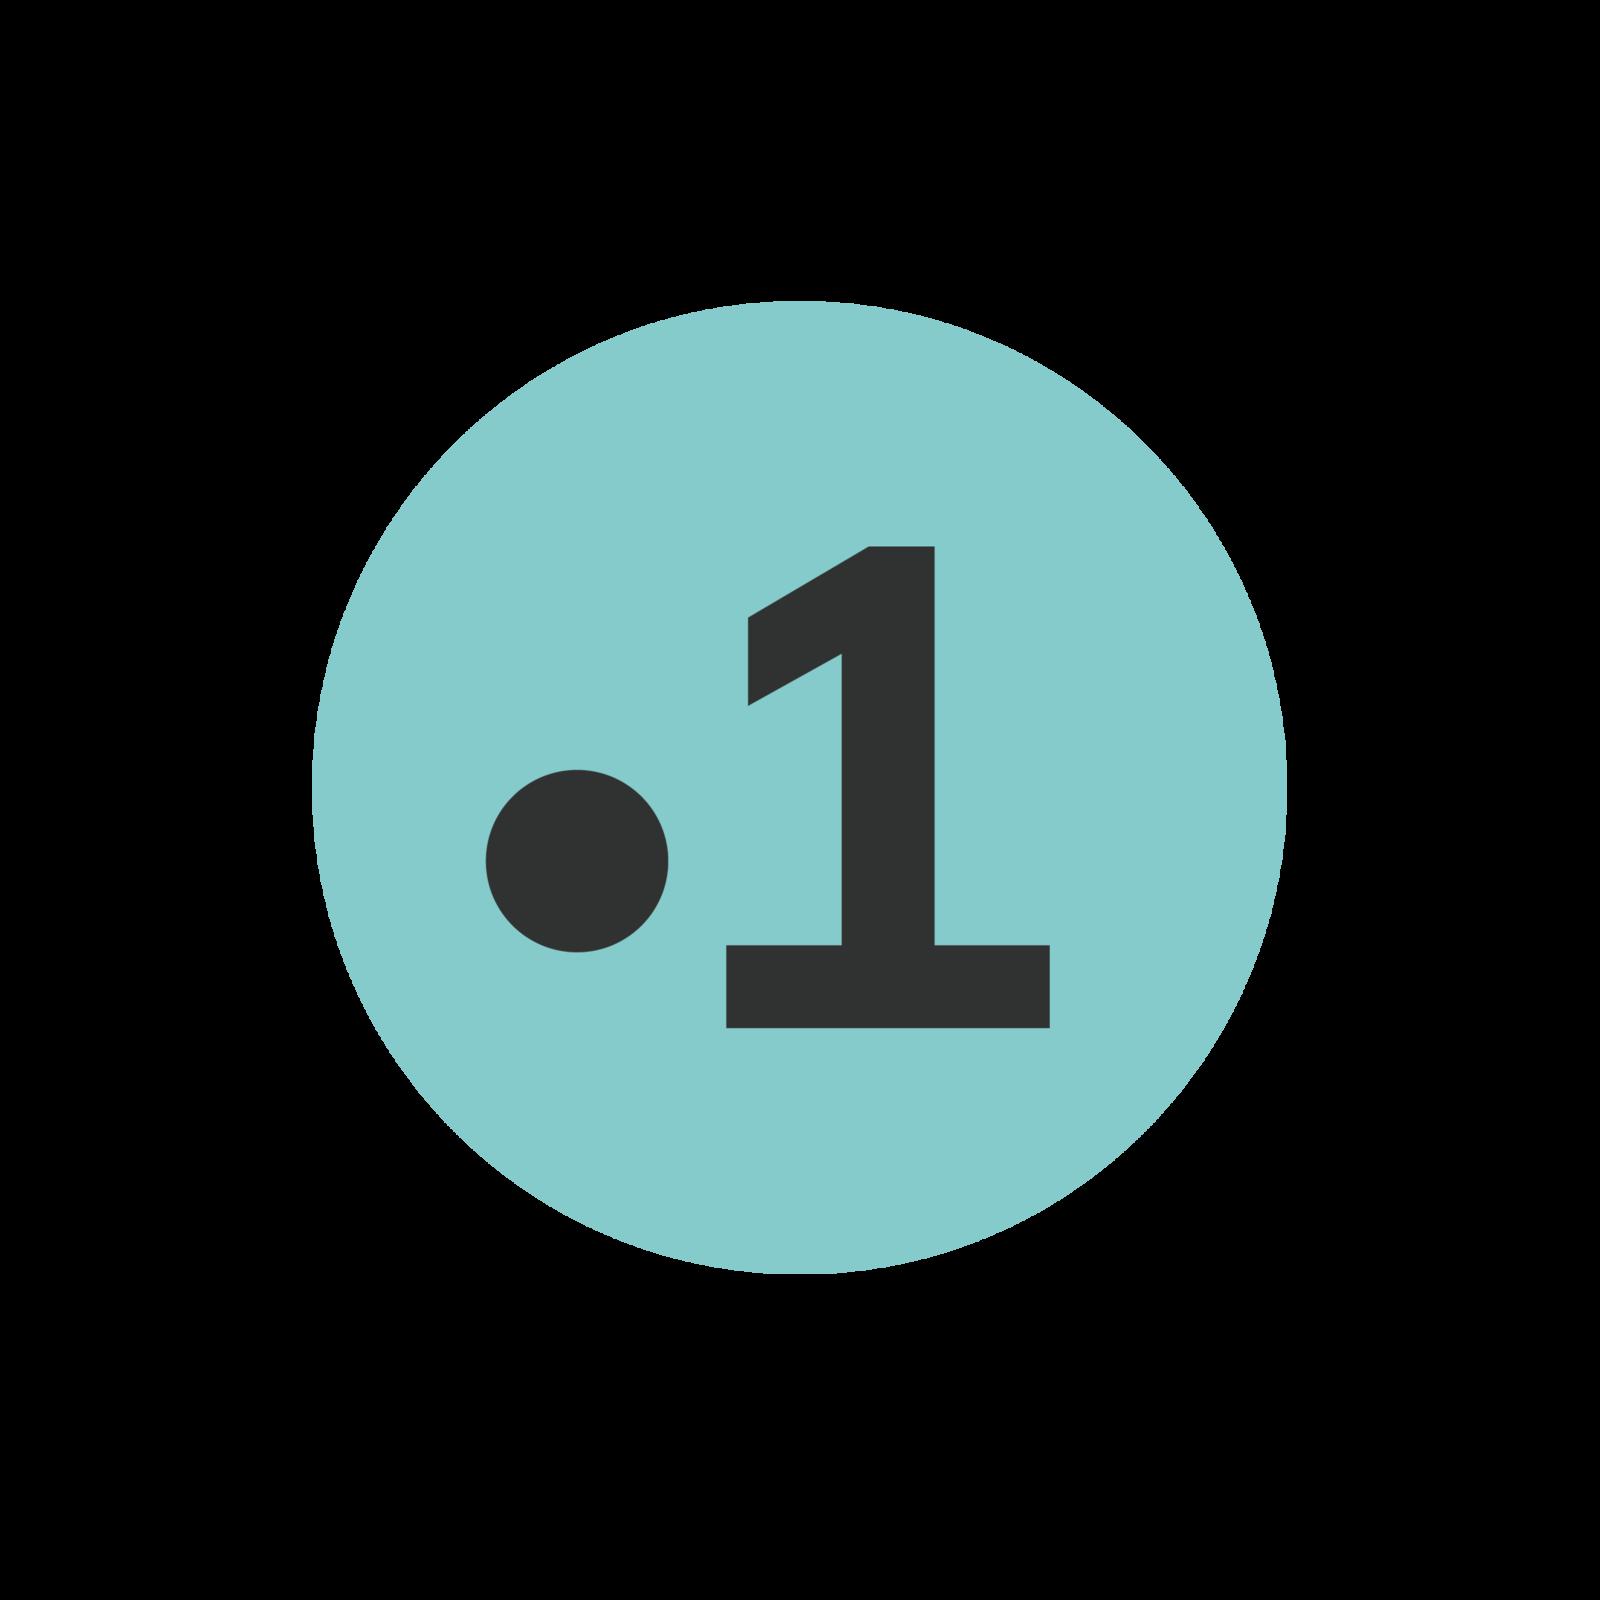 Dès ce lundi, le pôle Outre-mer de France Télévisions modifie l'offre de ses neuf antennes 1ère.